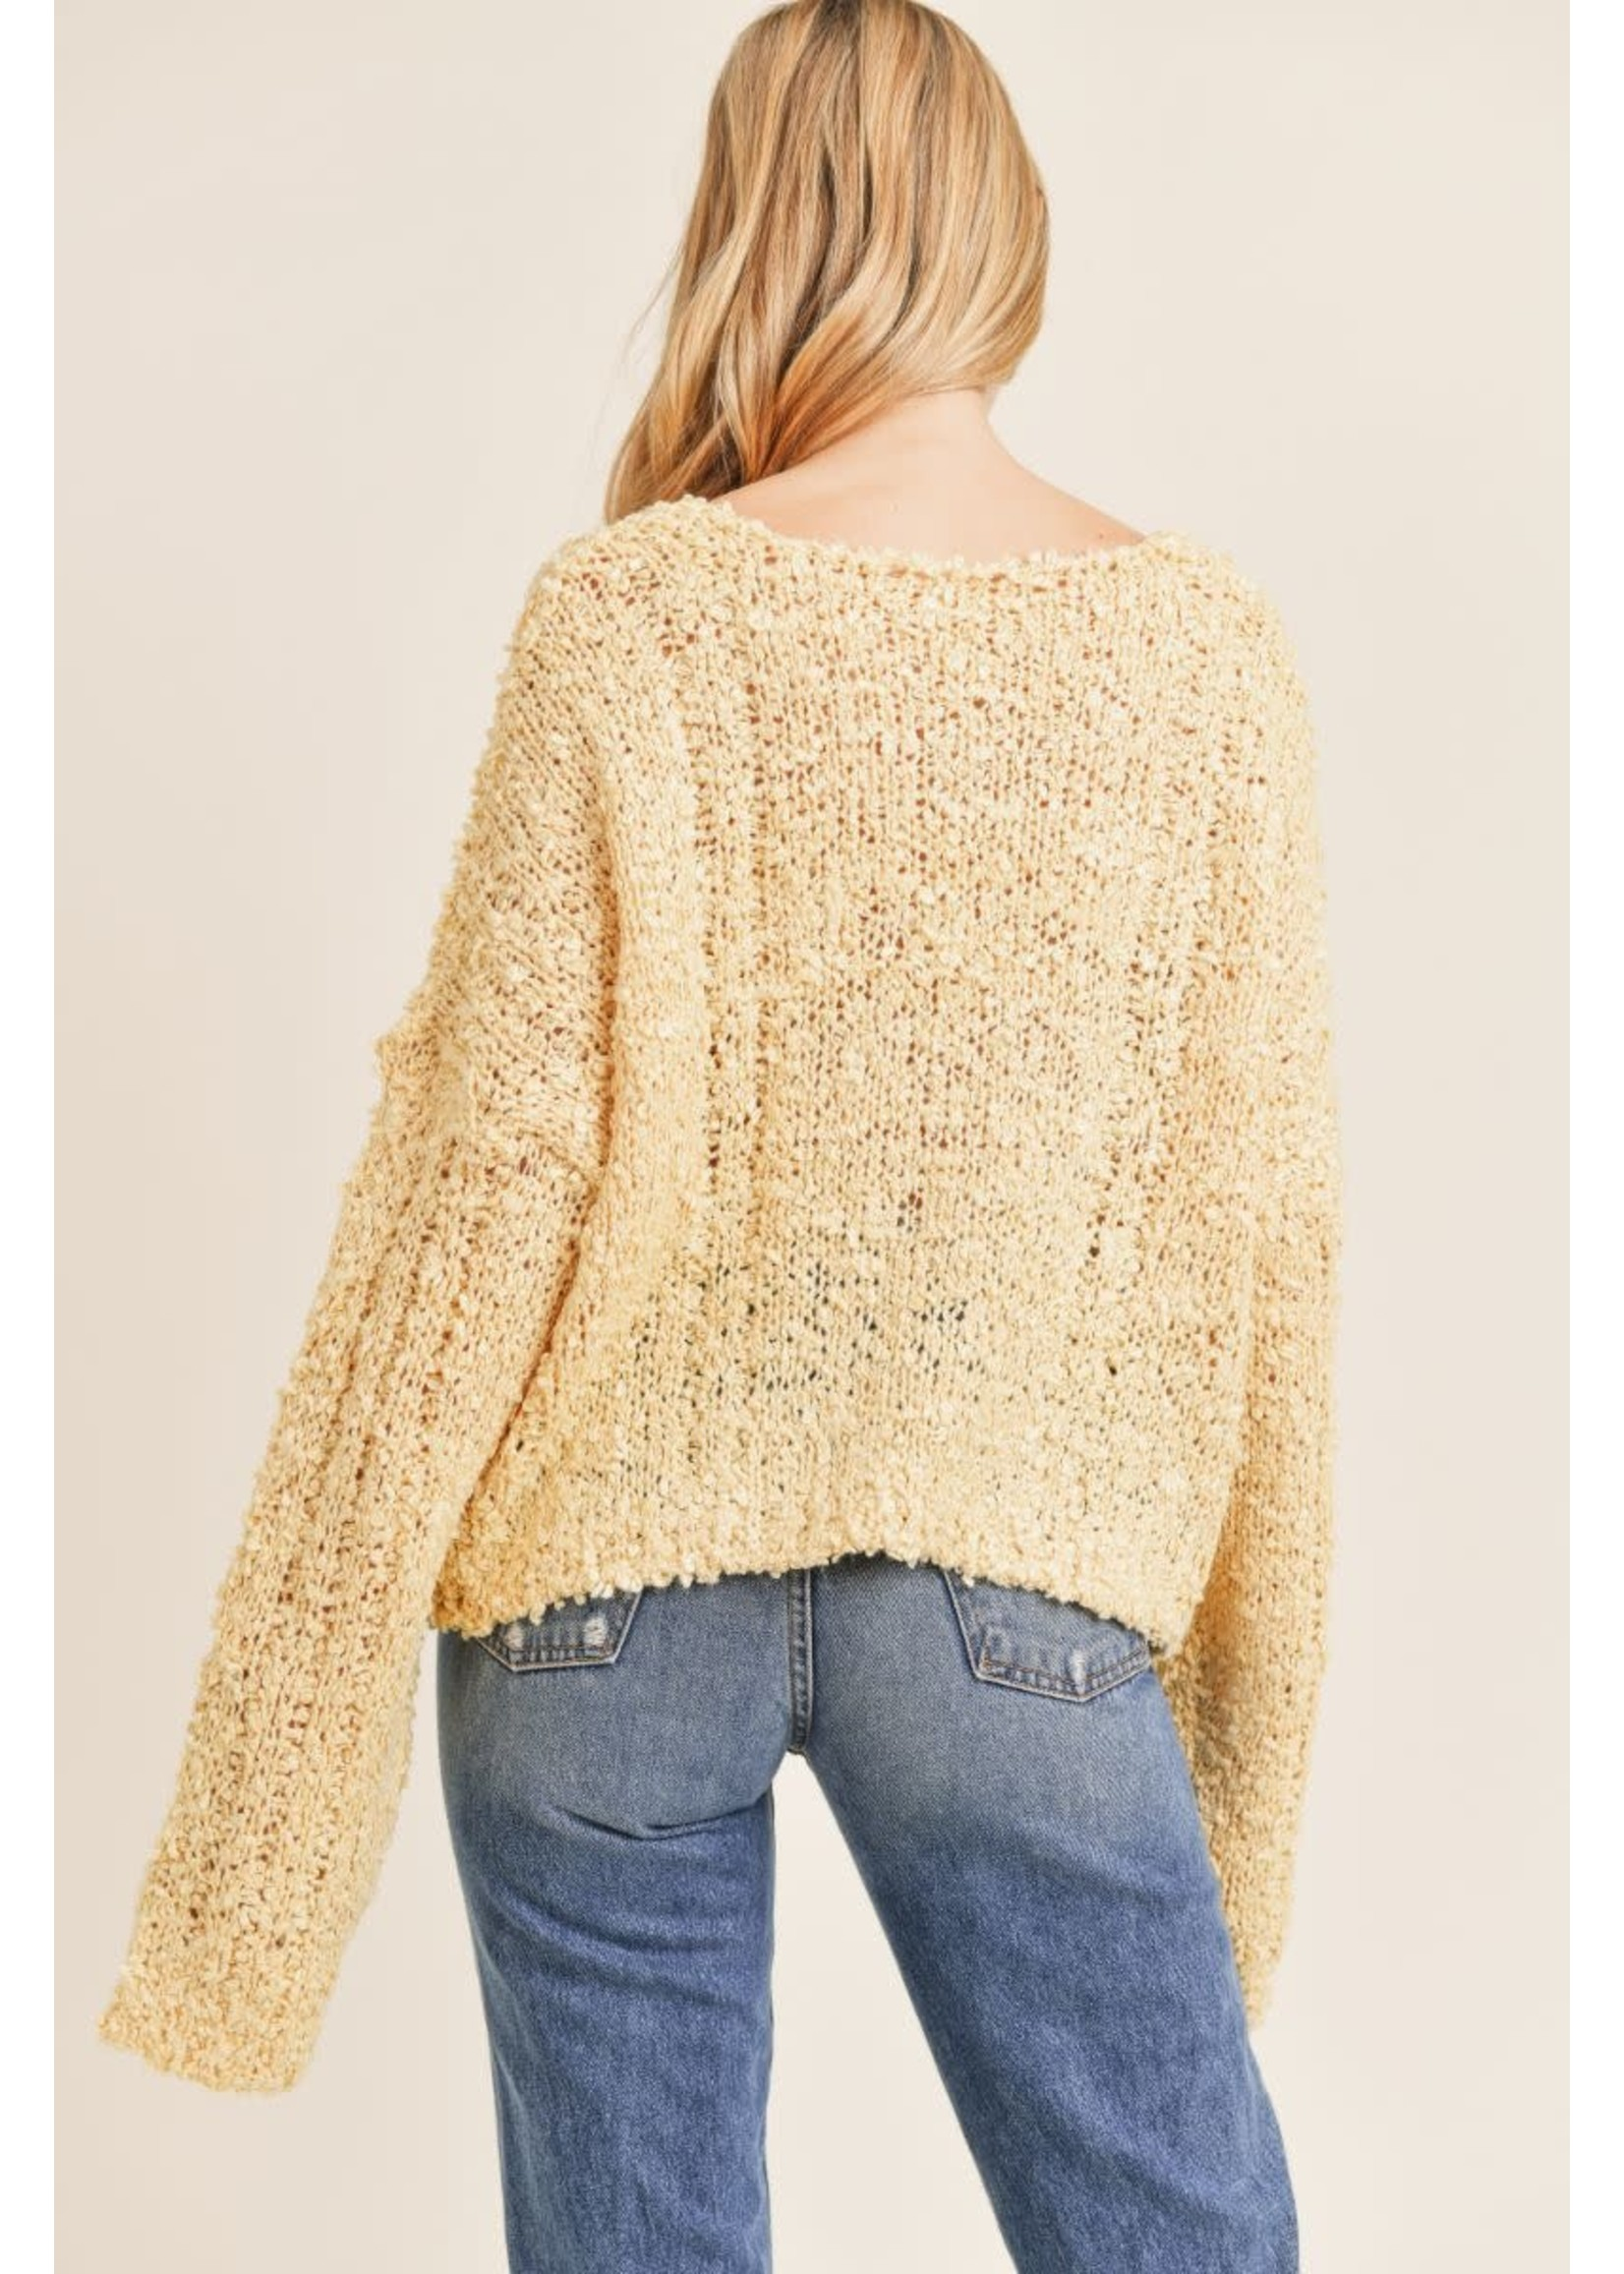 Sadie Sage Evergrow Sweater